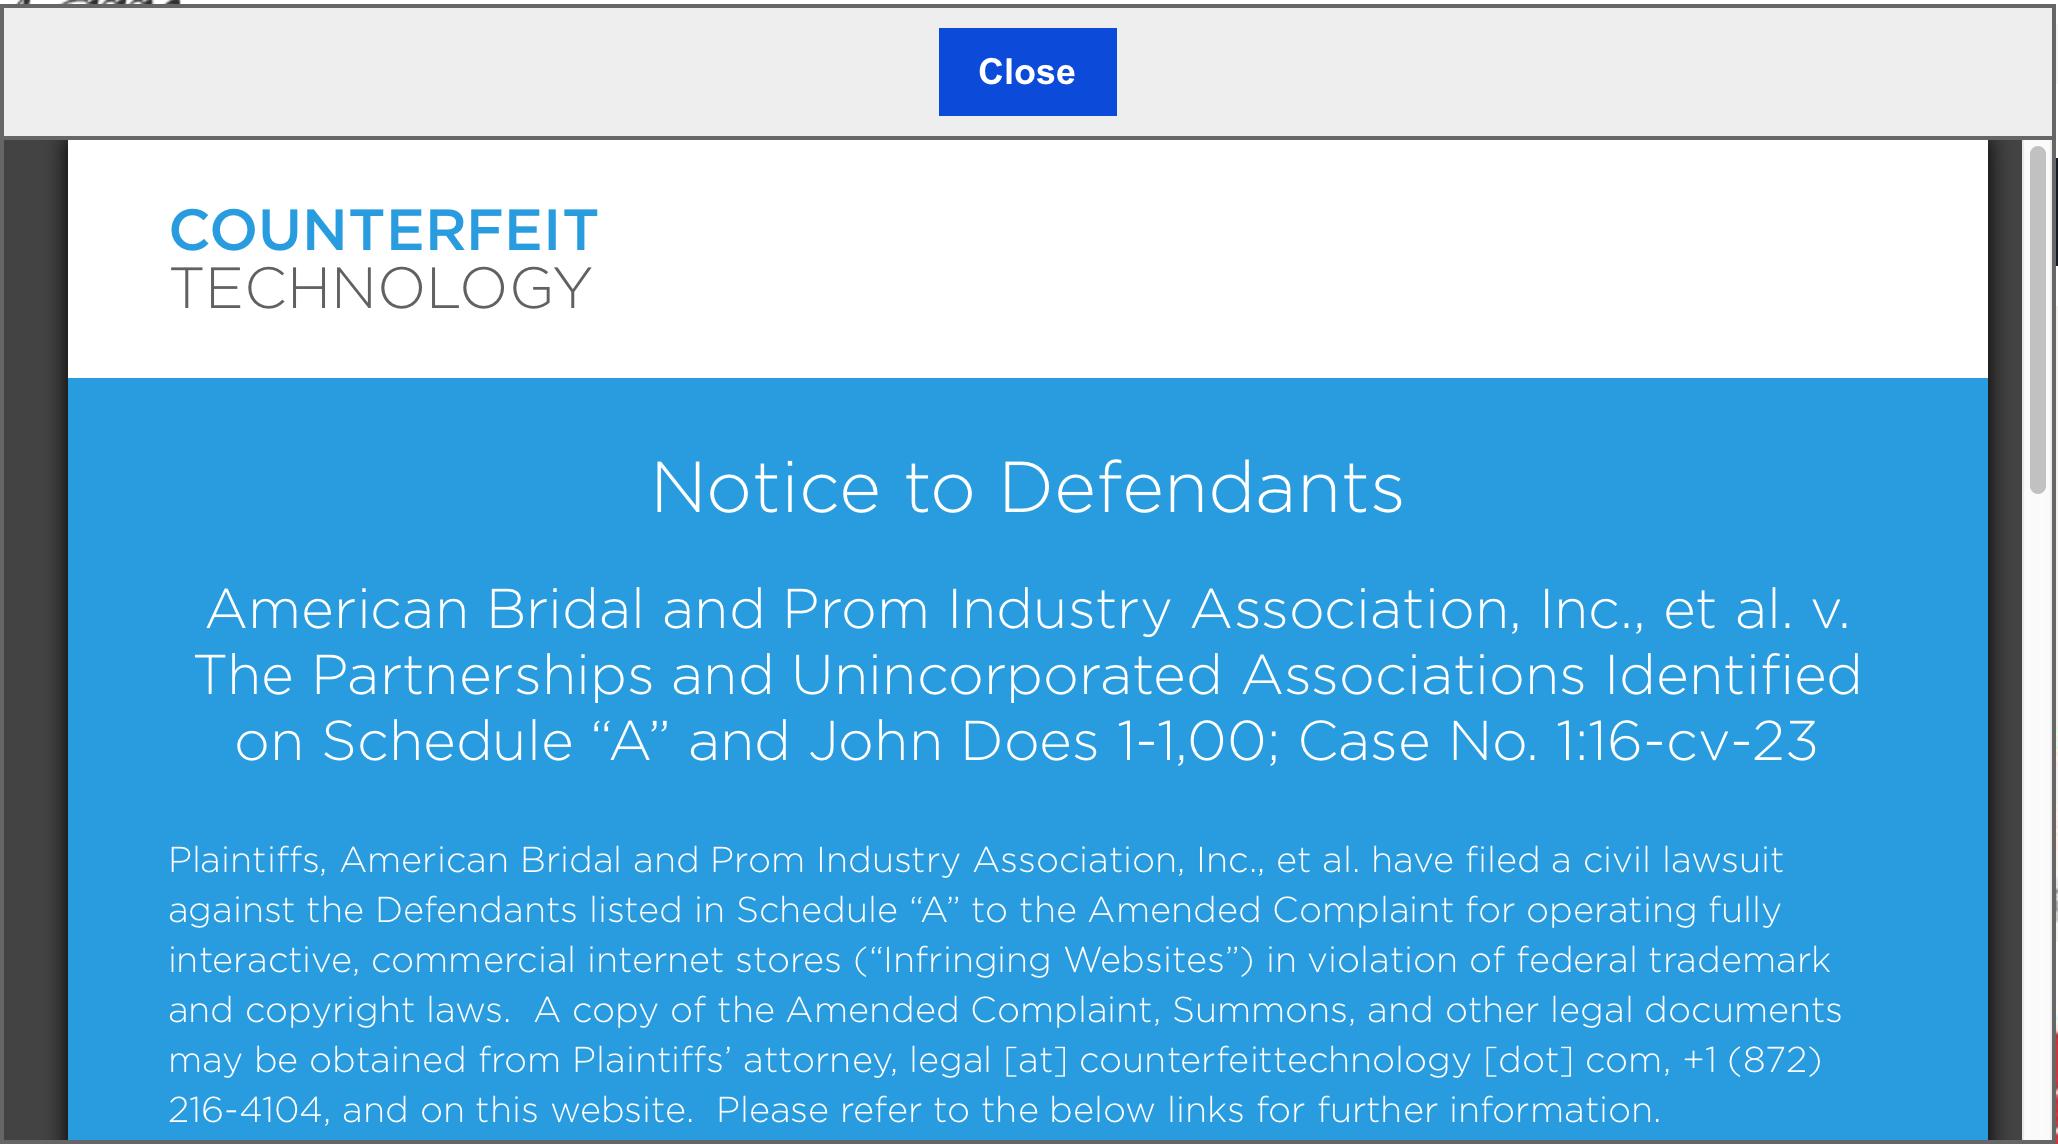 美婚纱协会放大招,外贸婚纱行业一片腥风血雨